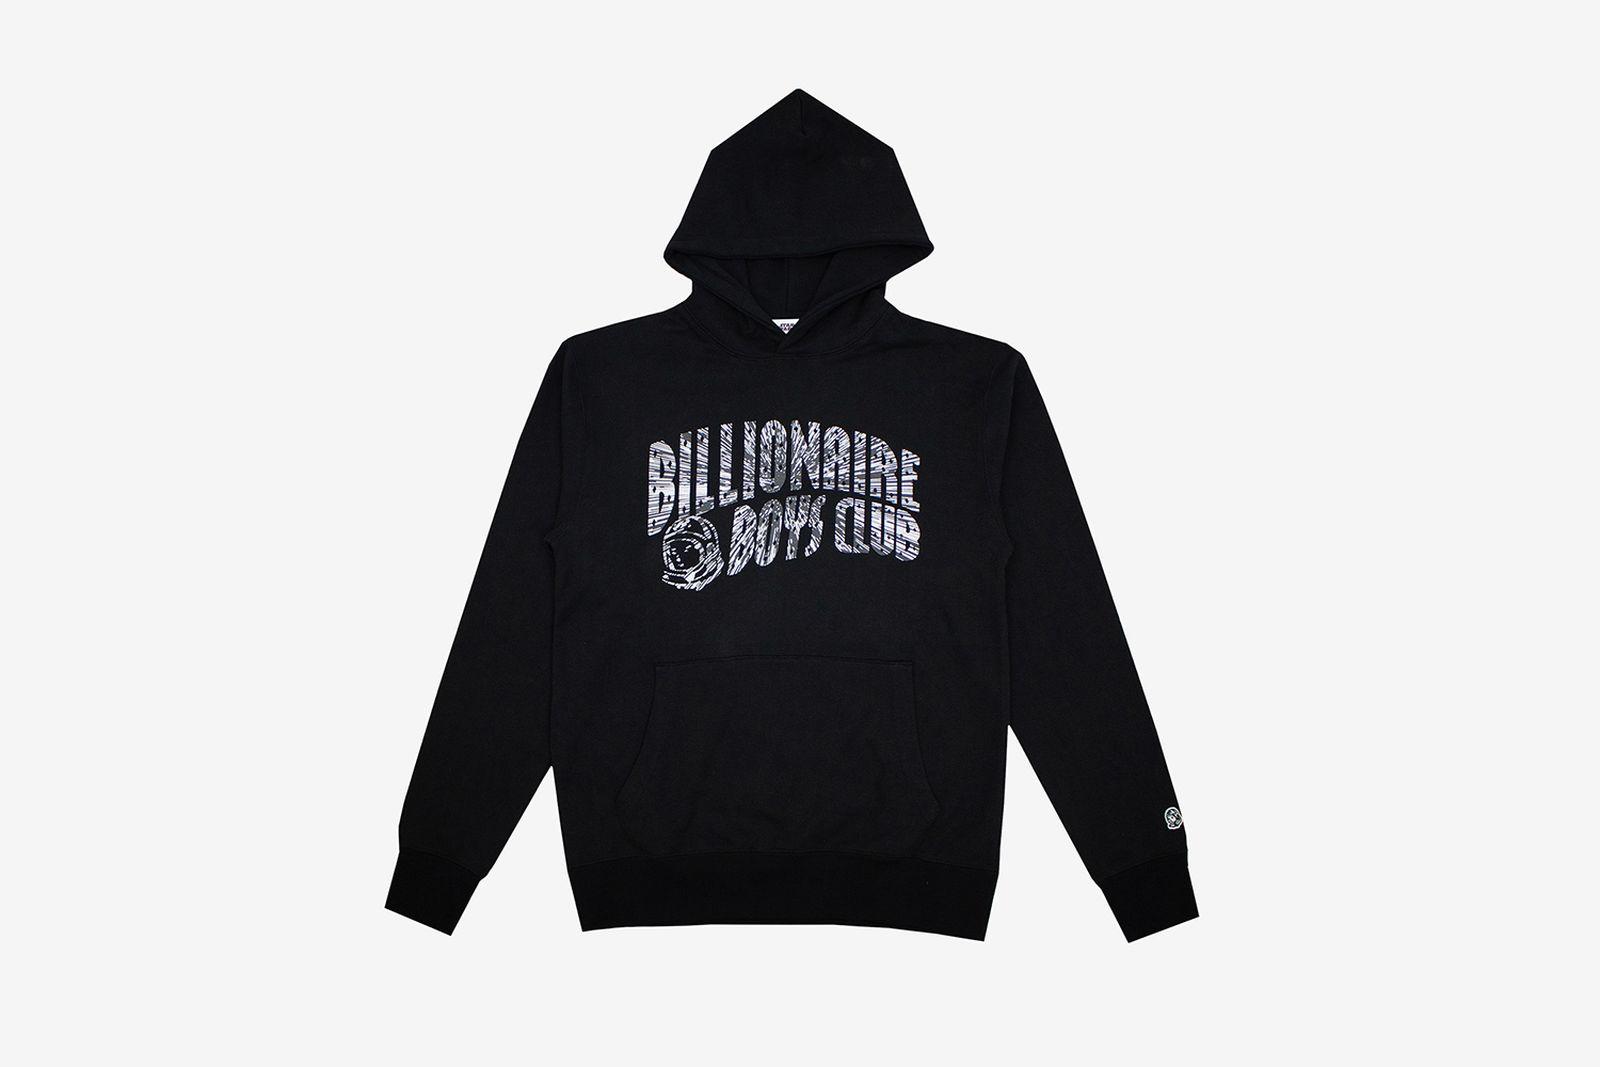 star wars billionaire boys club fw18 han solo